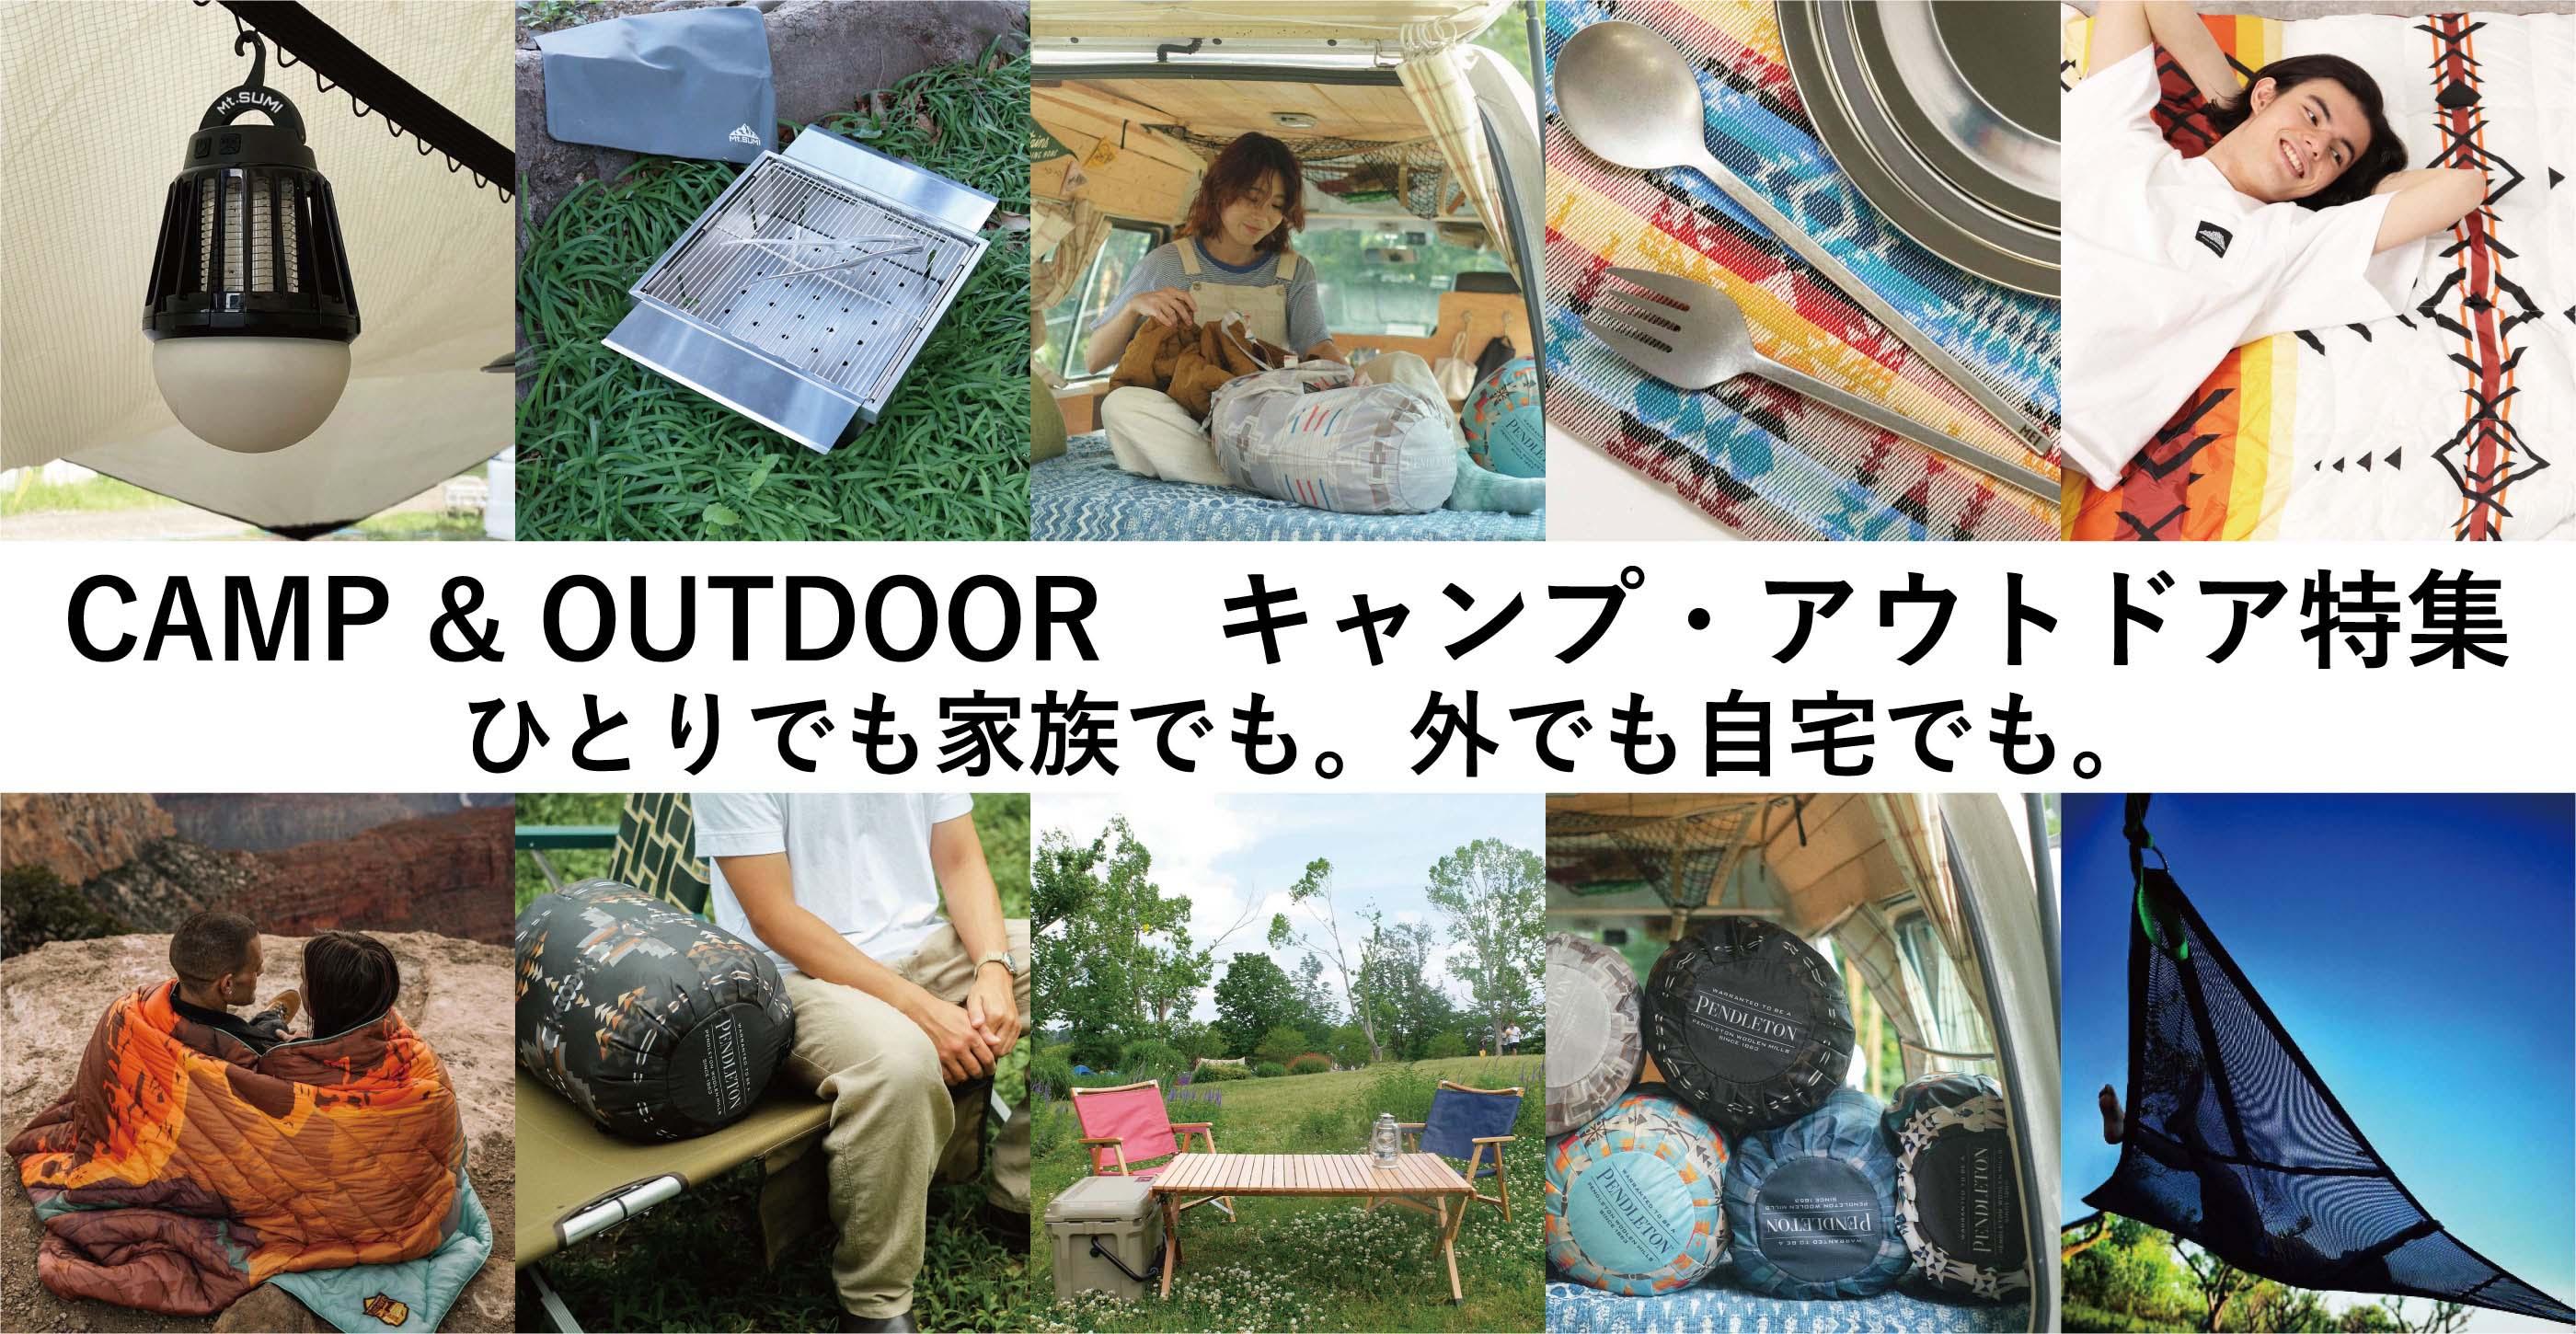 CAMP & OUTDOOR キャンプ・アウトドア特集 ひとりでも家族でも。外でも自宅でも。